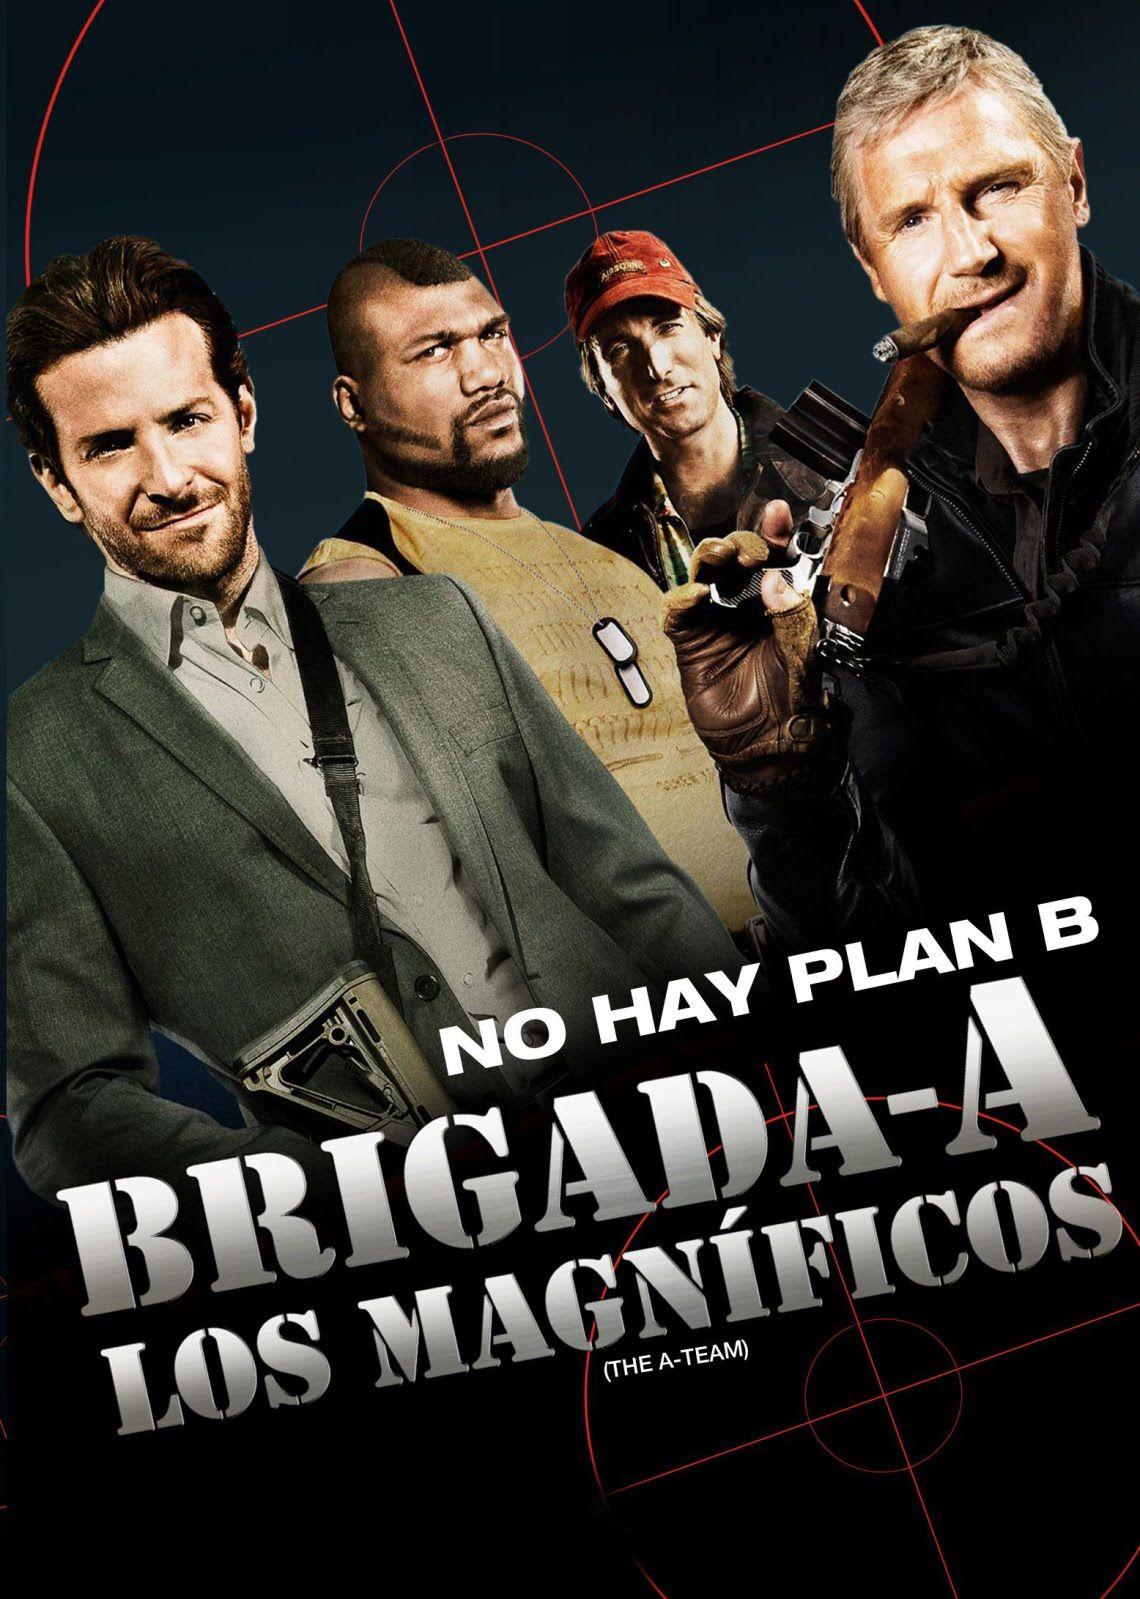 Brigada A Peliculas Peliculas Audio Latino Online Peliculas De Accion